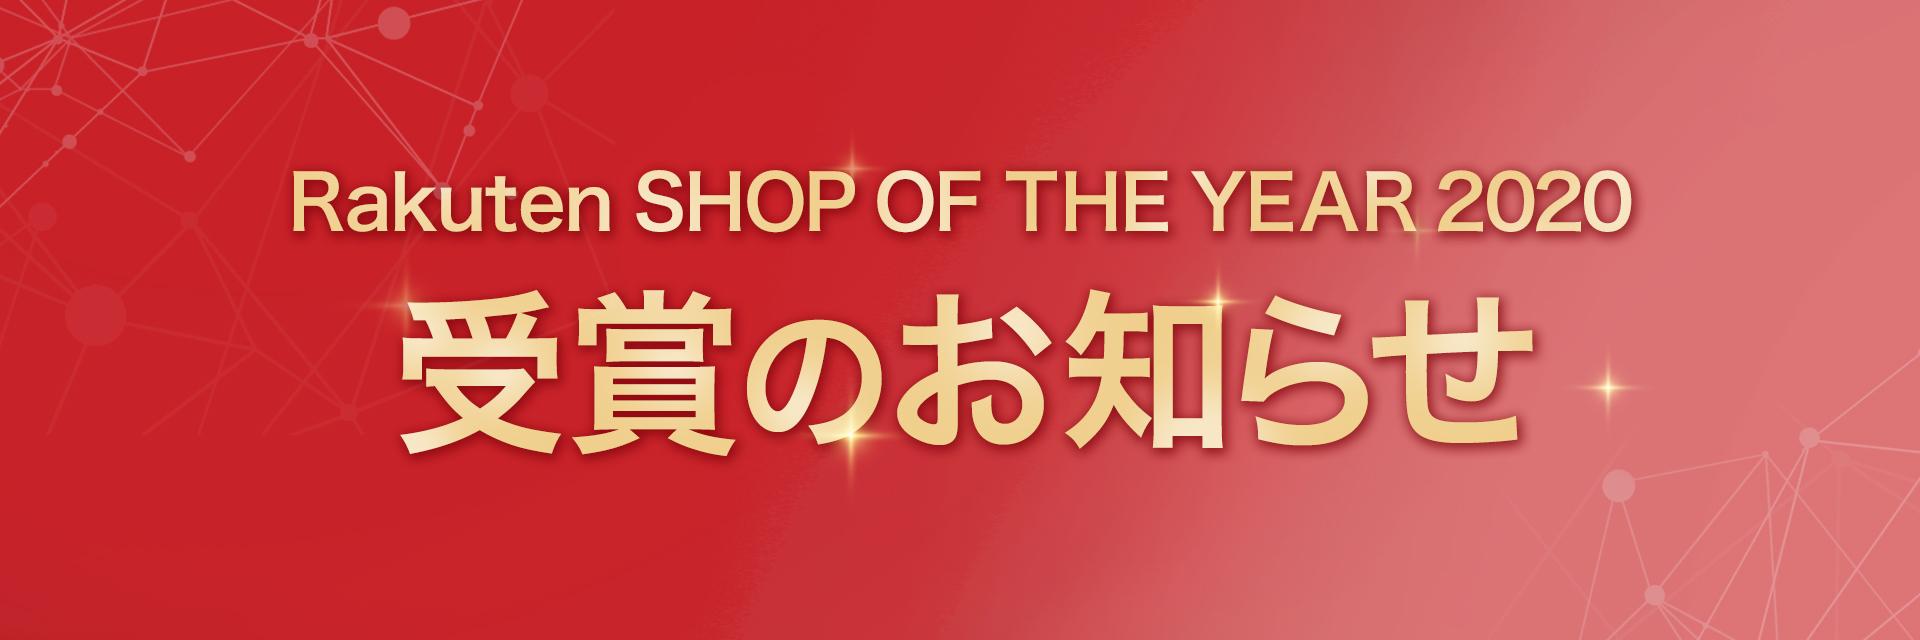 楽天ショップ・オブ・ザ・イヤー2020にて、 当社が運営するSK-Ⅱとブラウンビューティーが受賞!!